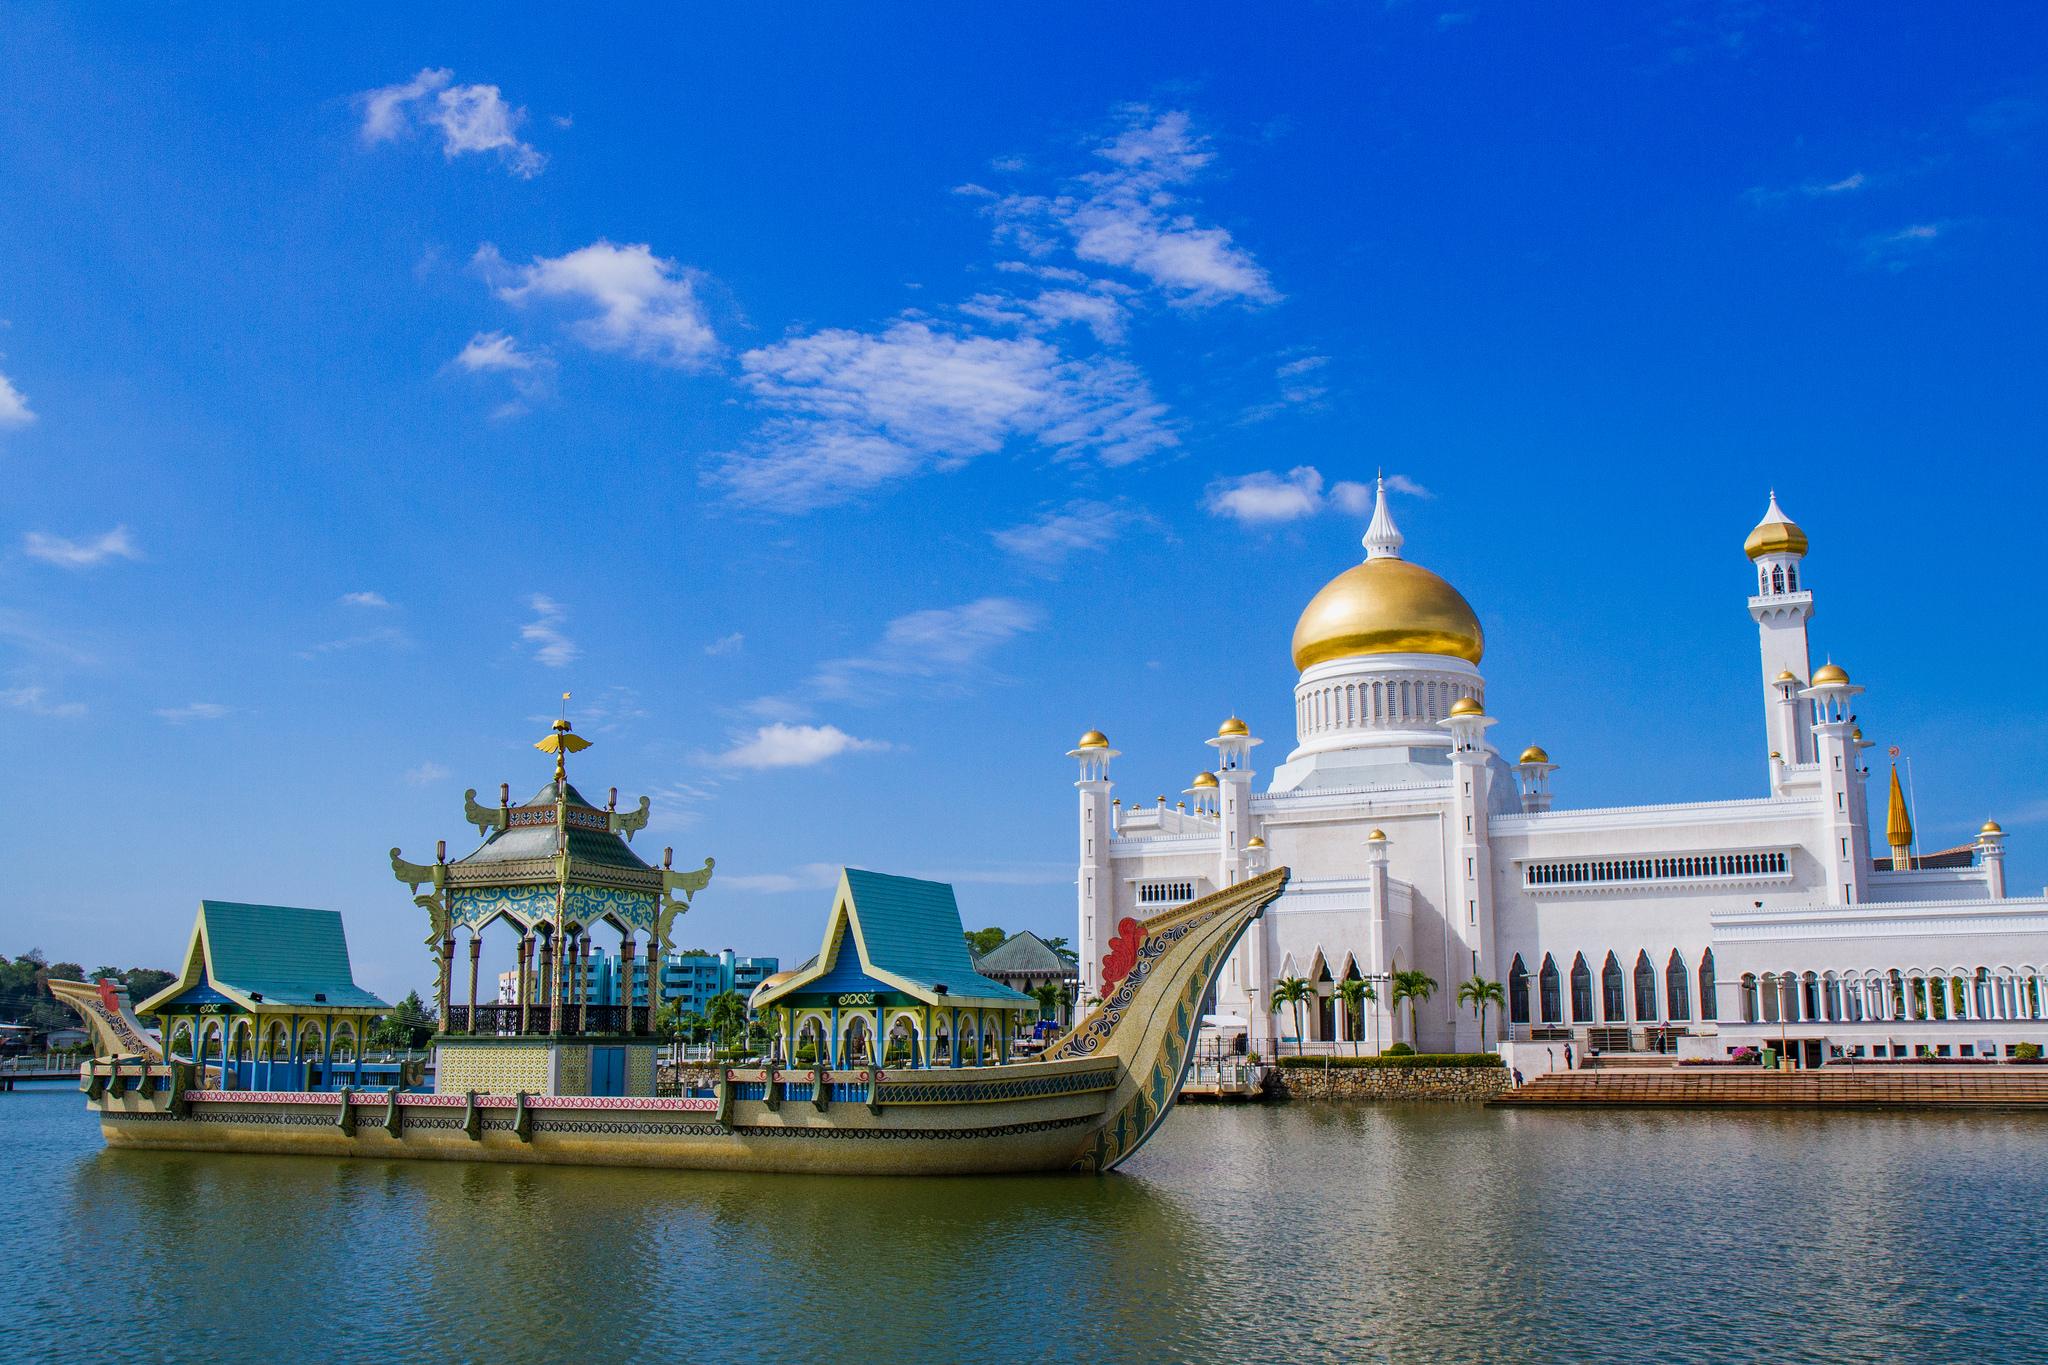 Sultan Omar Ali Saifuddin Mosque (Brunei):